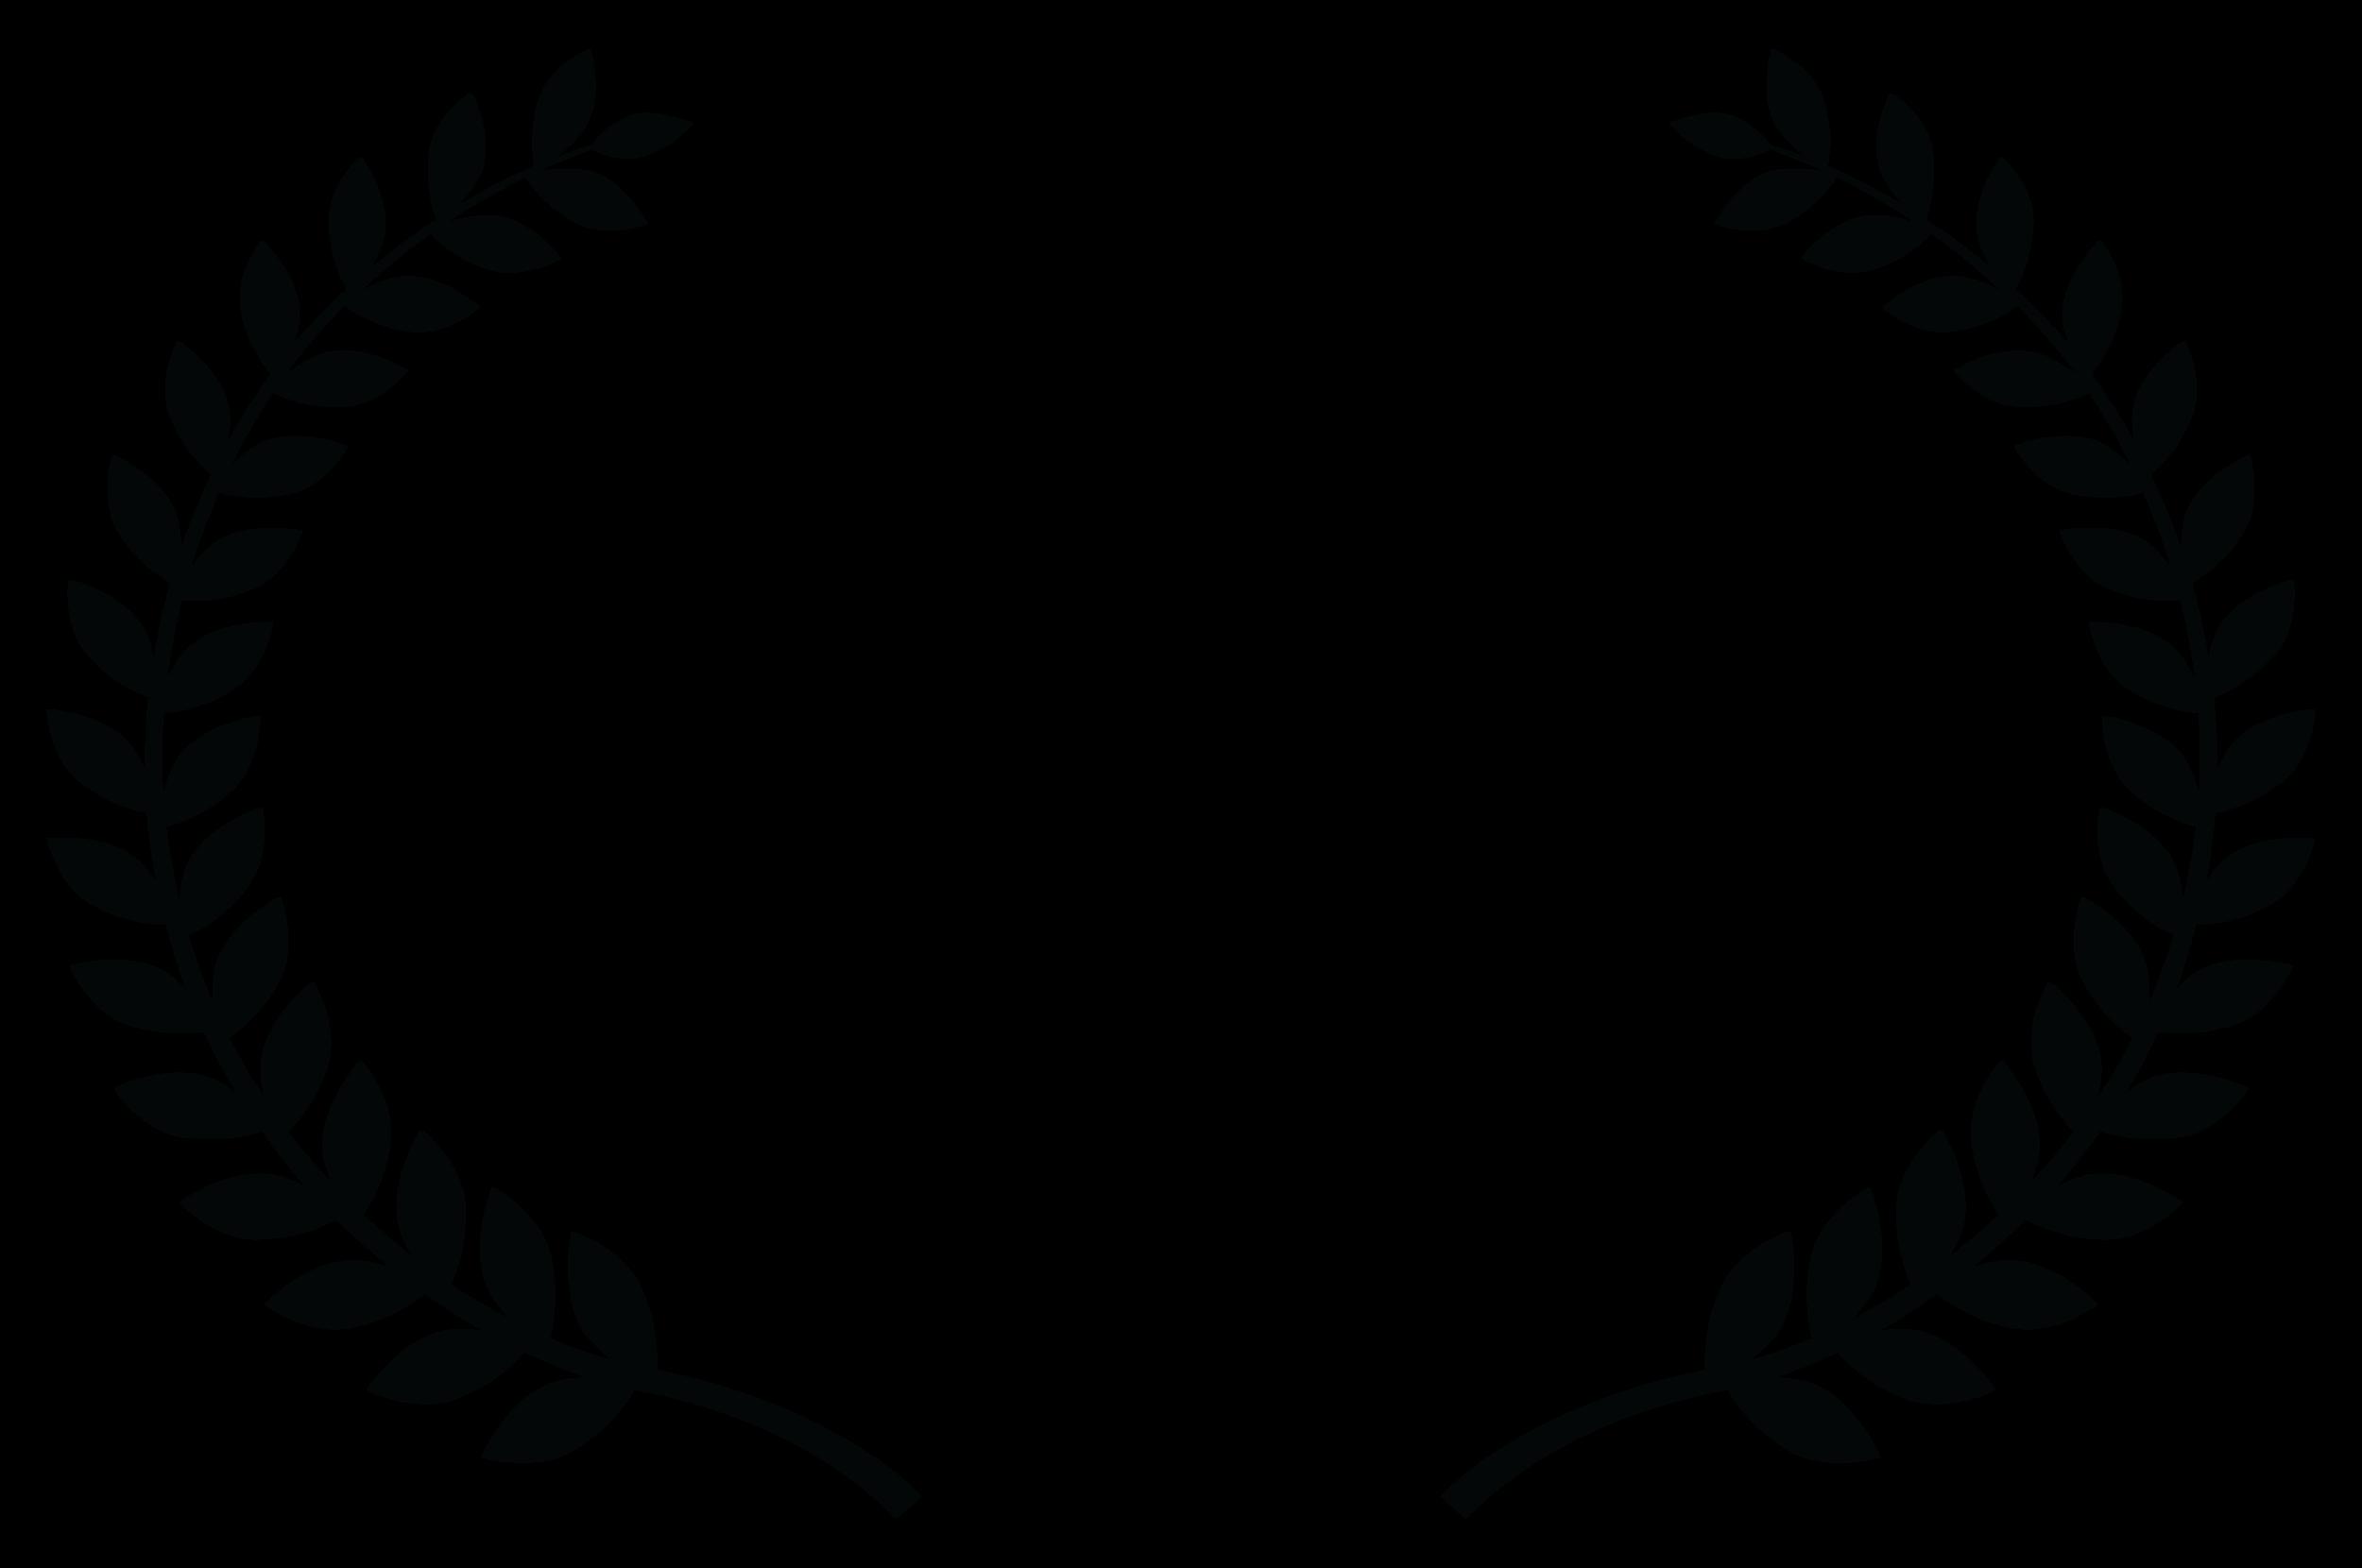 Runup_BestStudent-TheWestVirginiaMountaineerShortFilmFestival-2017.jpg